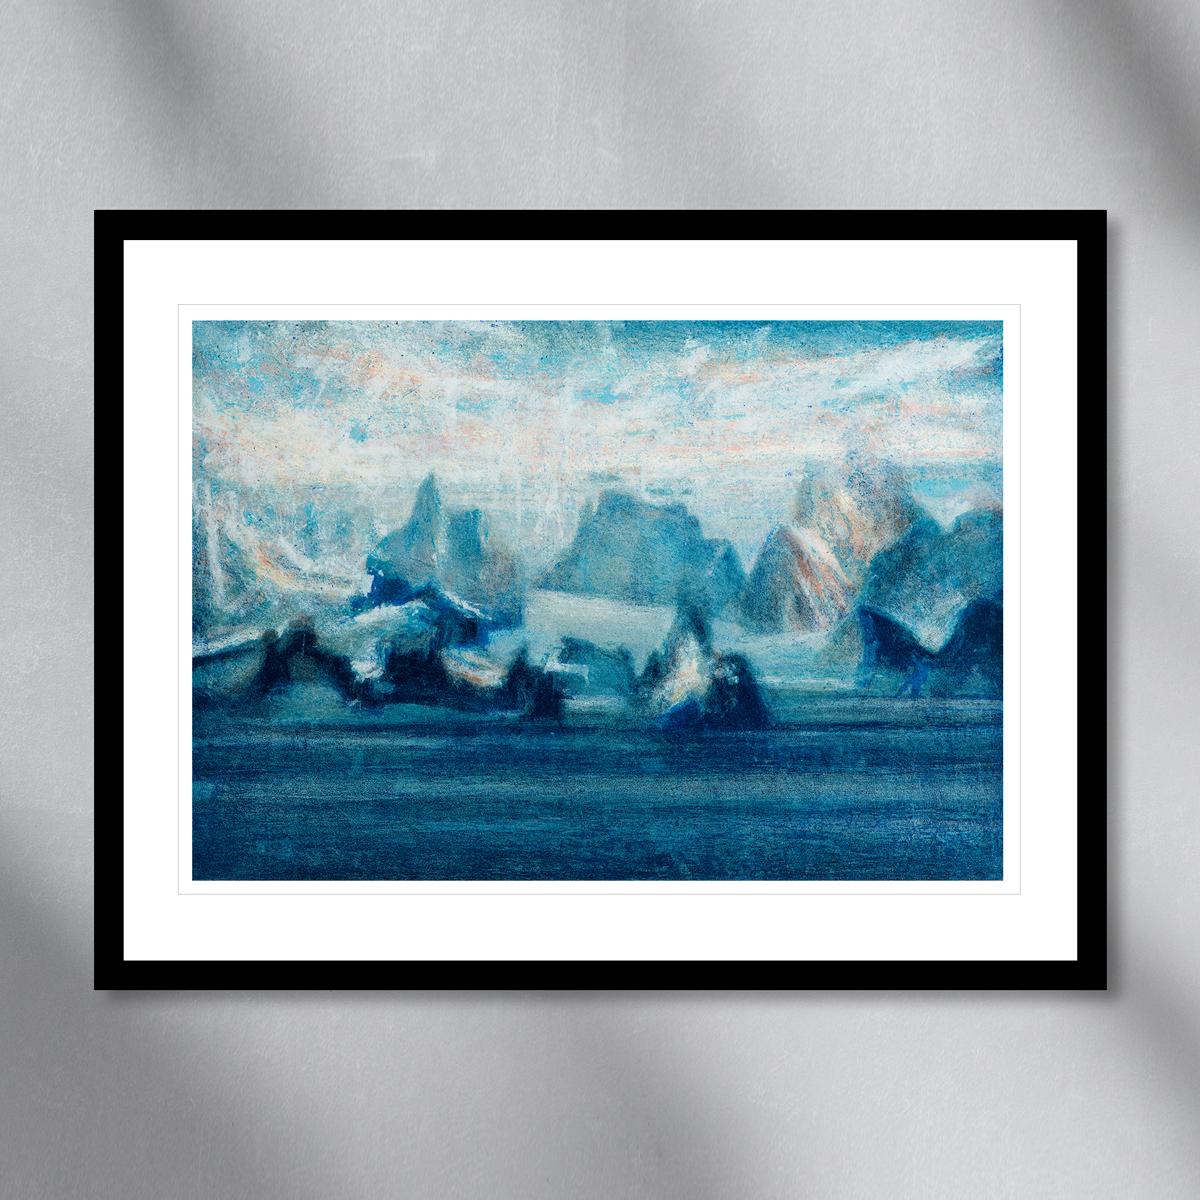 Antarktis fjell landskap malt i pastellblå farger. Håndkolorert litografi av Vebjørn Sand.